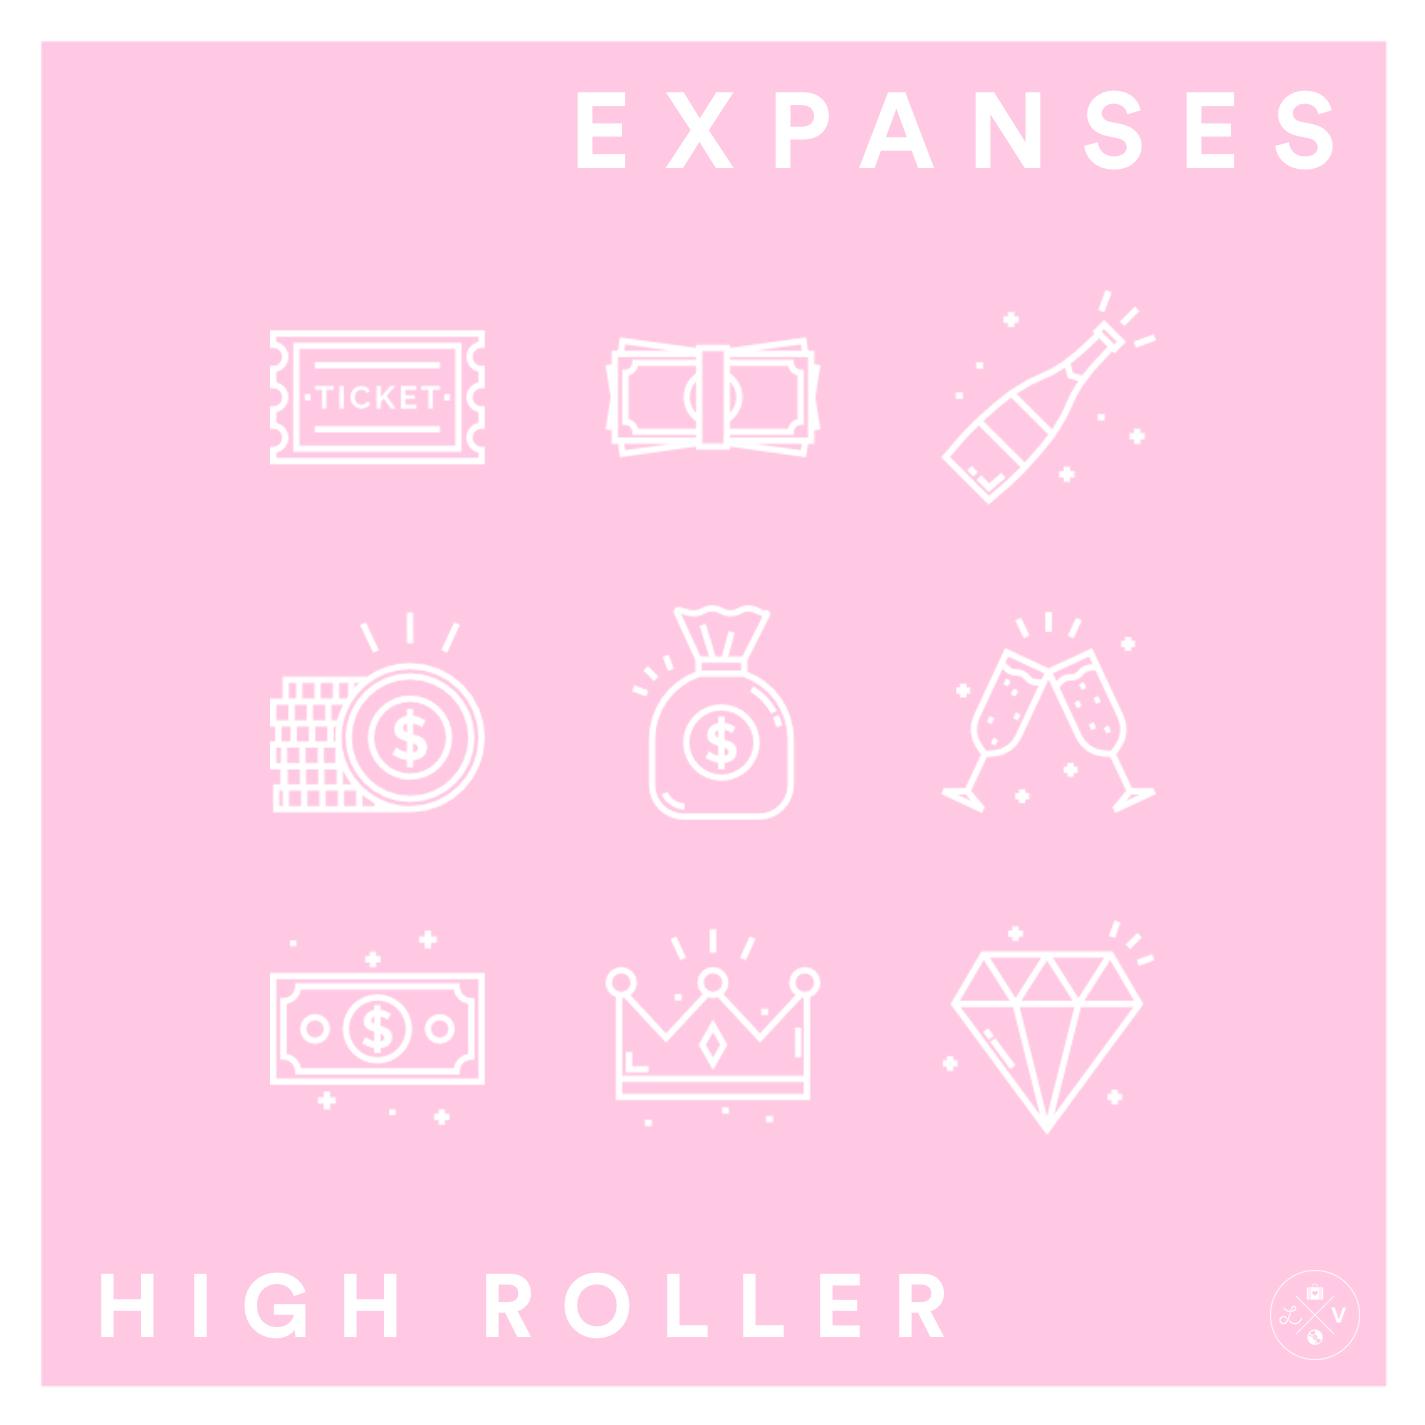 DV075 / Expanses - High Roller